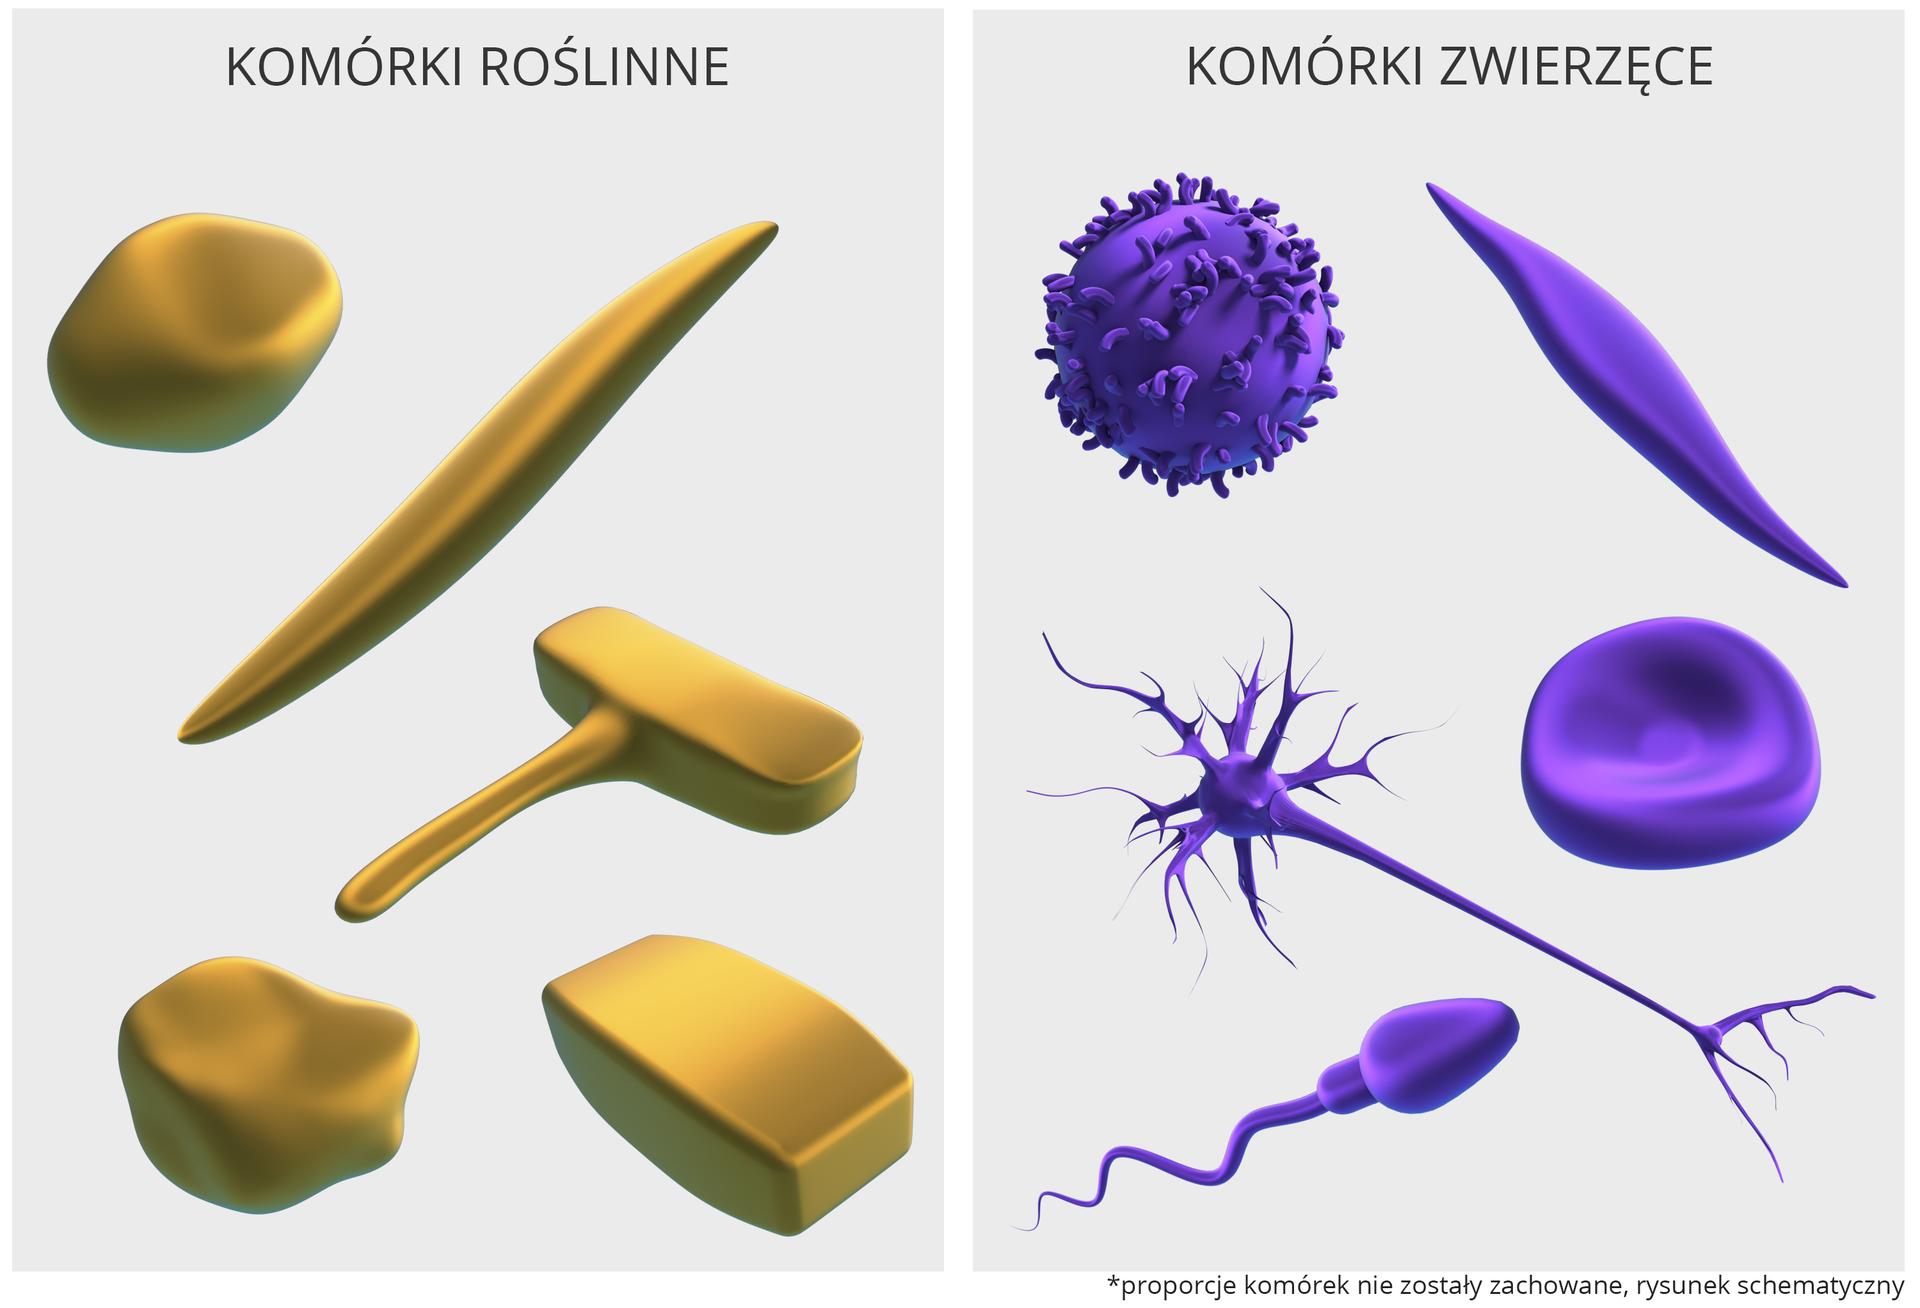 Ilustracja przedstawia dwie plansze zobrazami różnych kształtów komórek. Po lewej znajduje się plansza, przedstawiająca wkolorze brązowym komórki roślinne. Po prawej znajduje się plansza, przedstawiająca wkolorze fioletowym komórki zwierzęce.